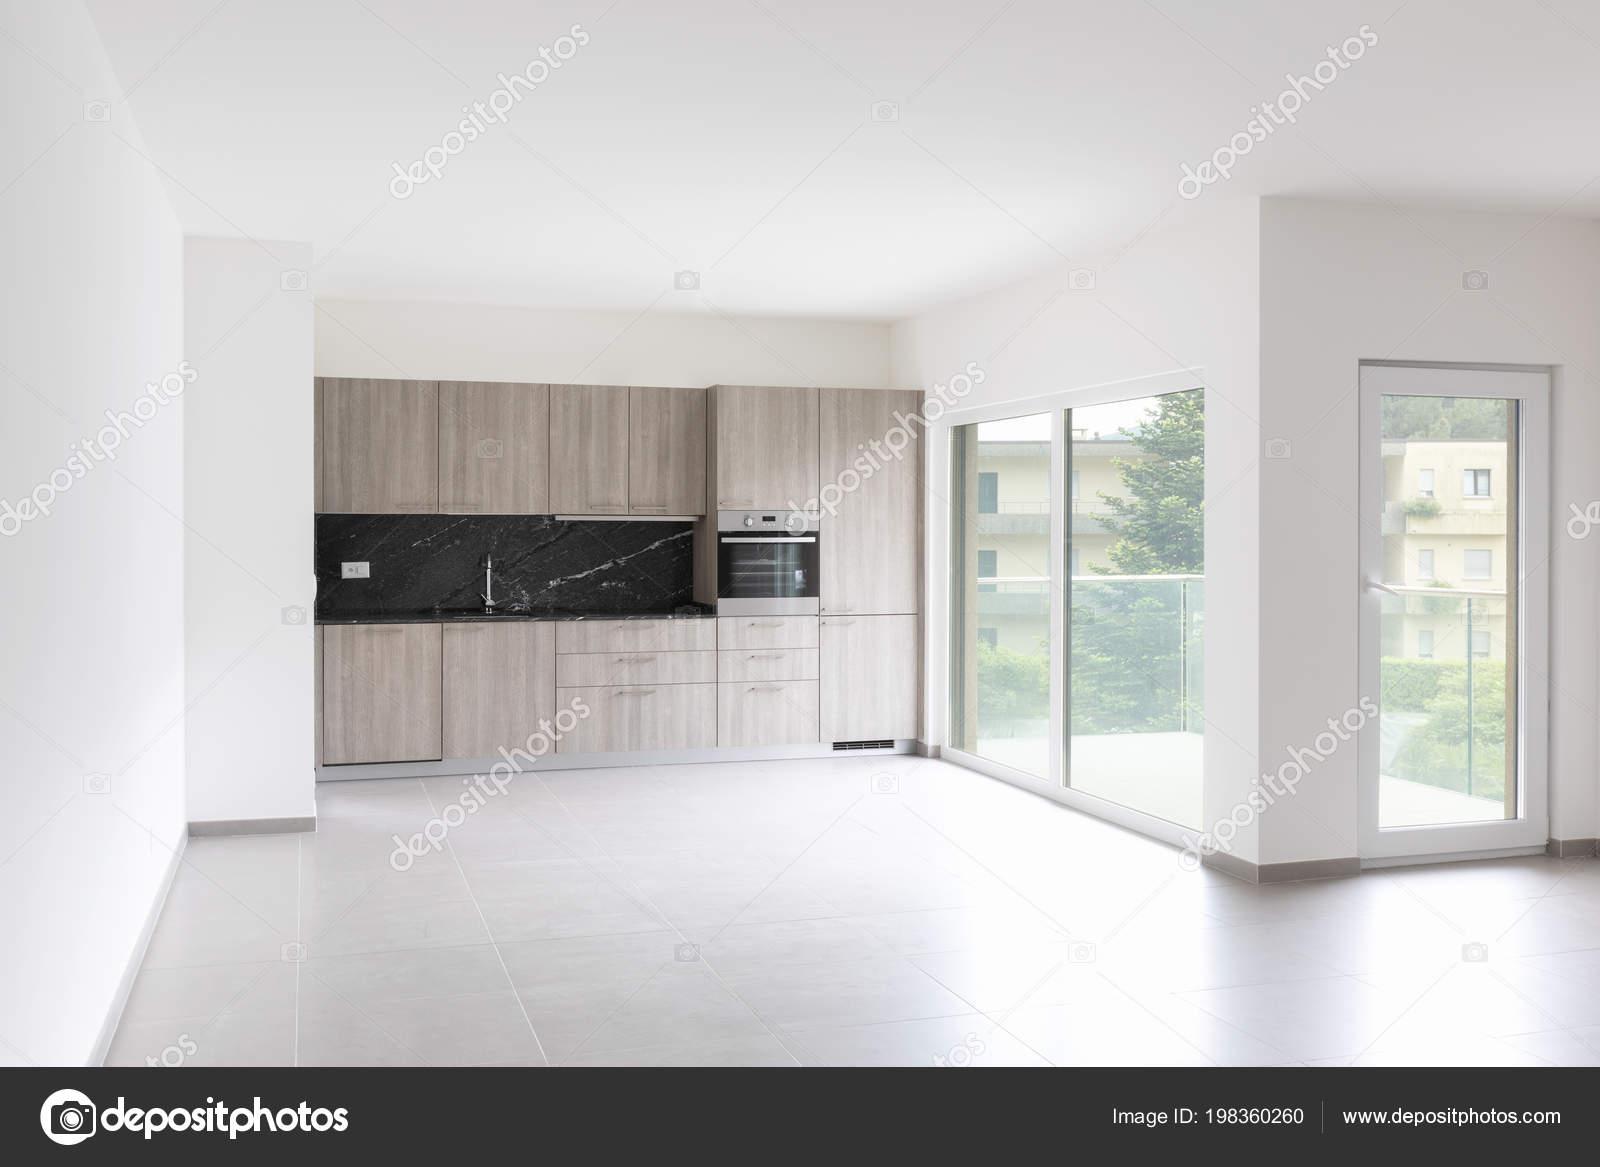 Keuken Grote Open : Grote woonkamer volledig witte keuken een moderne open ruimte